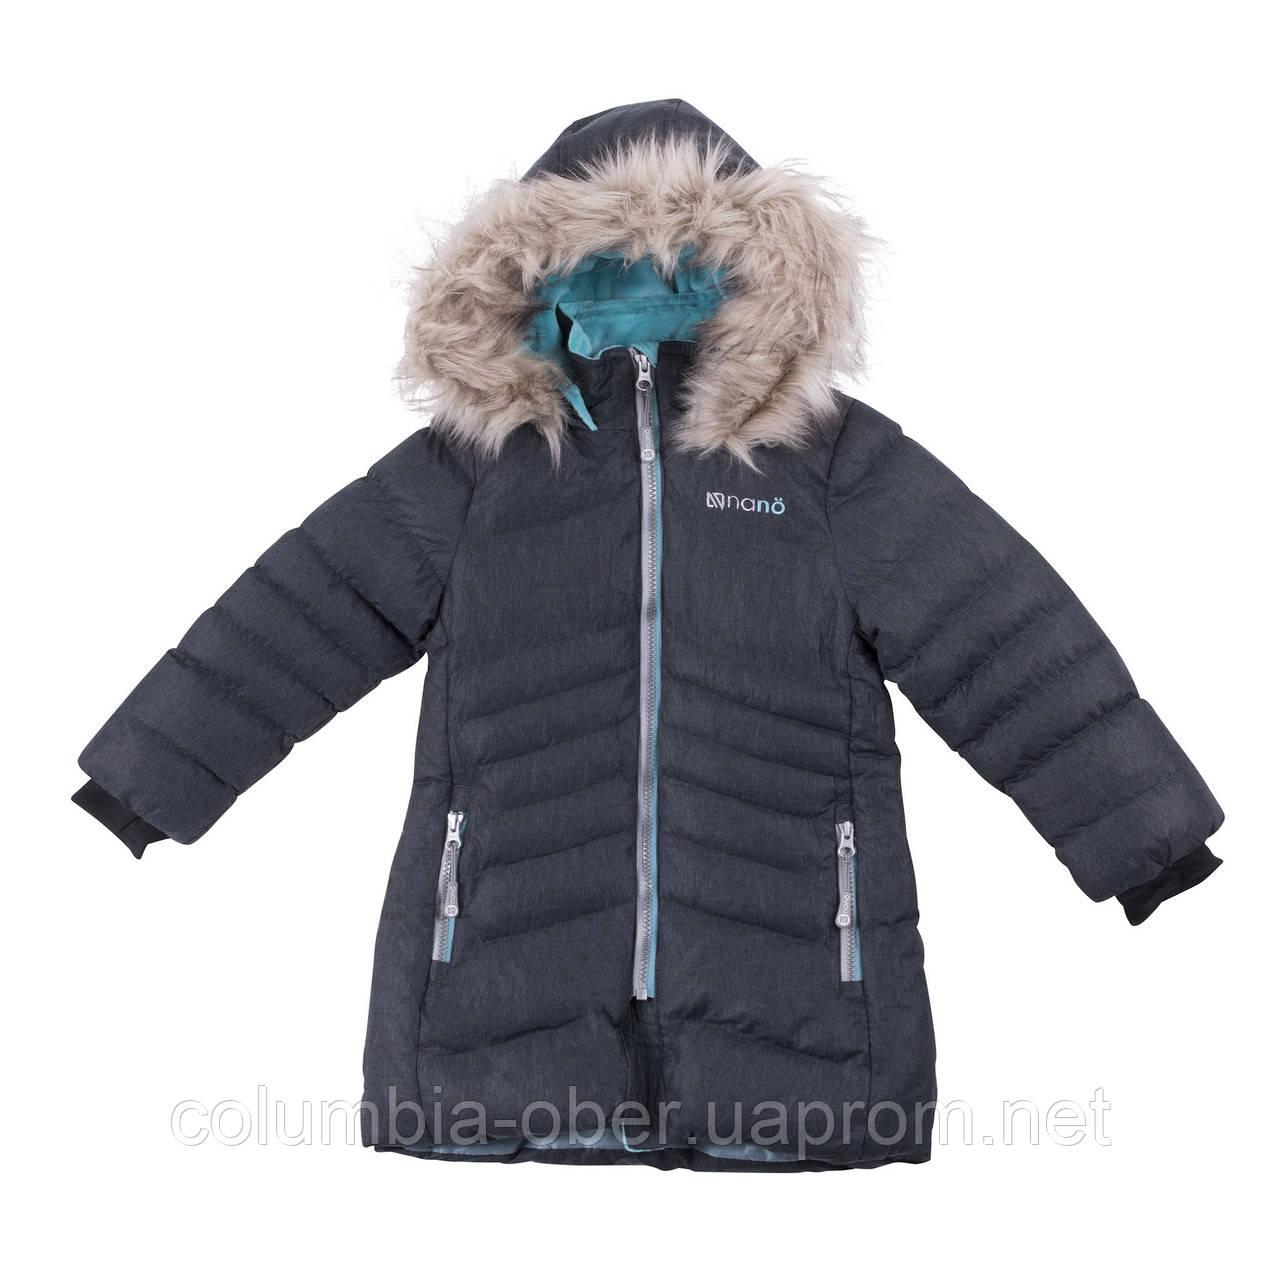 Зимнее пальто для девочки NANO F18 M 1252 Dk Gray Mix. Размеры 4-14.